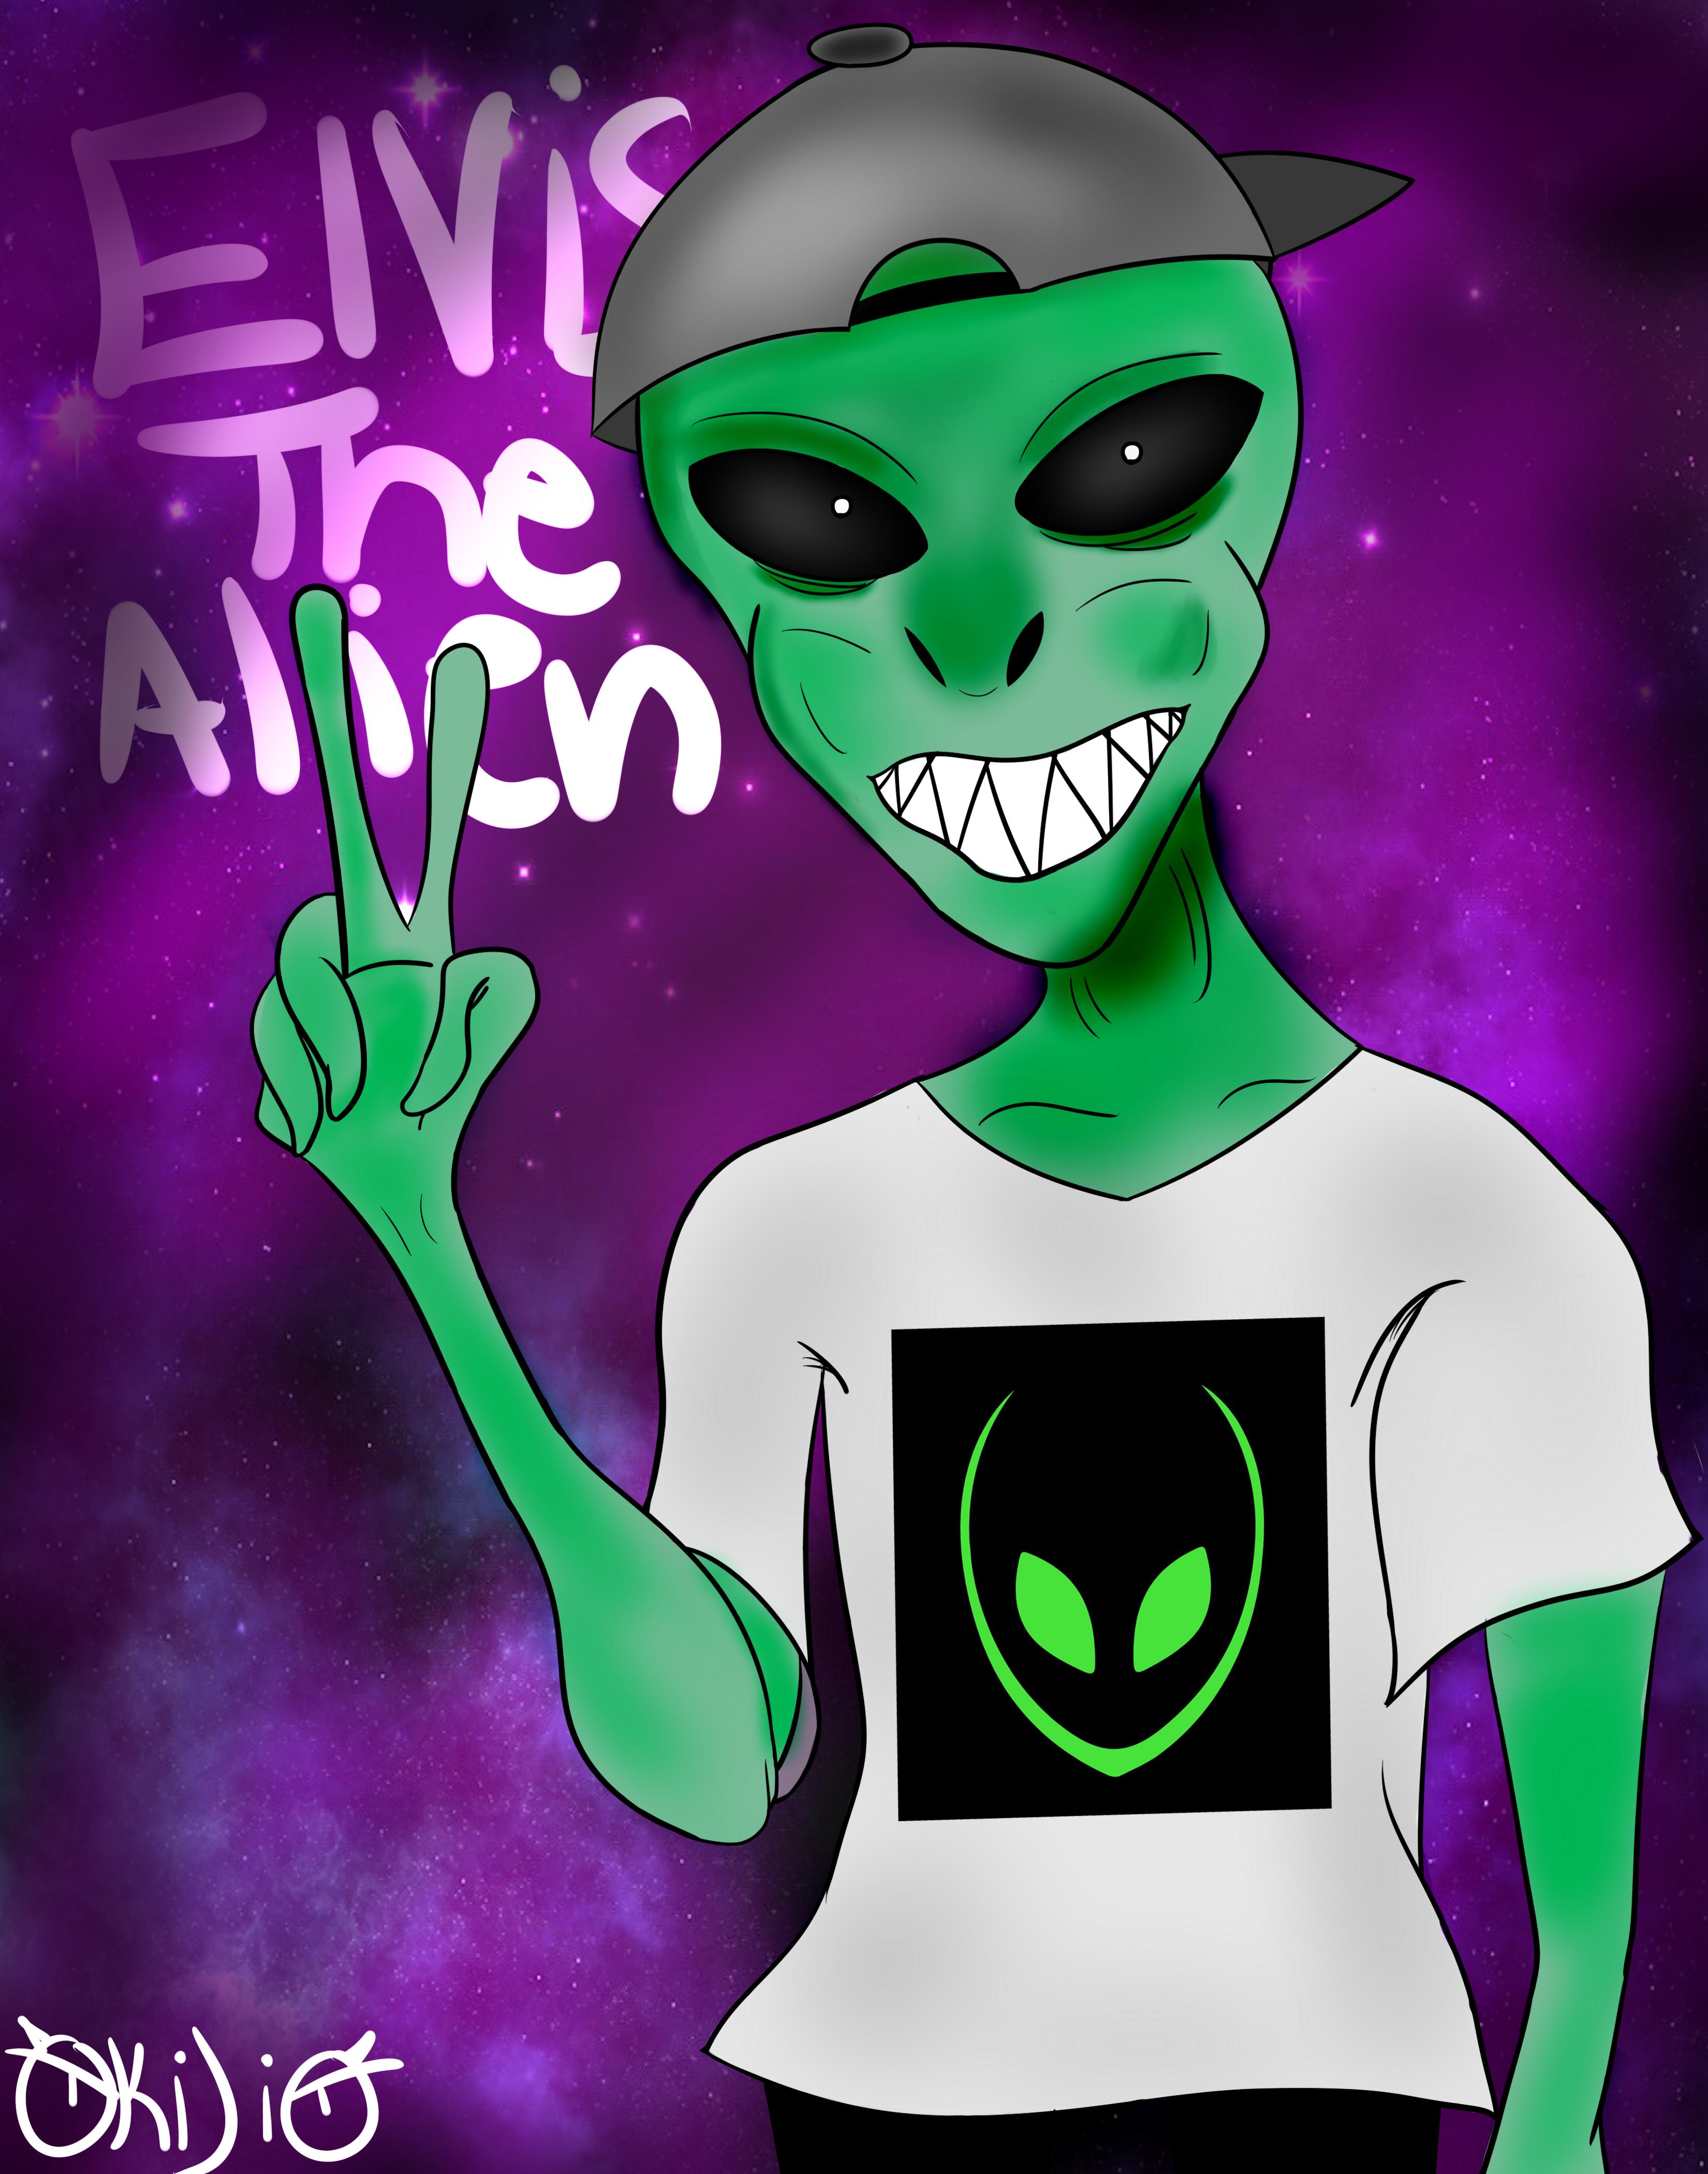 Elvis the Alien Fanart